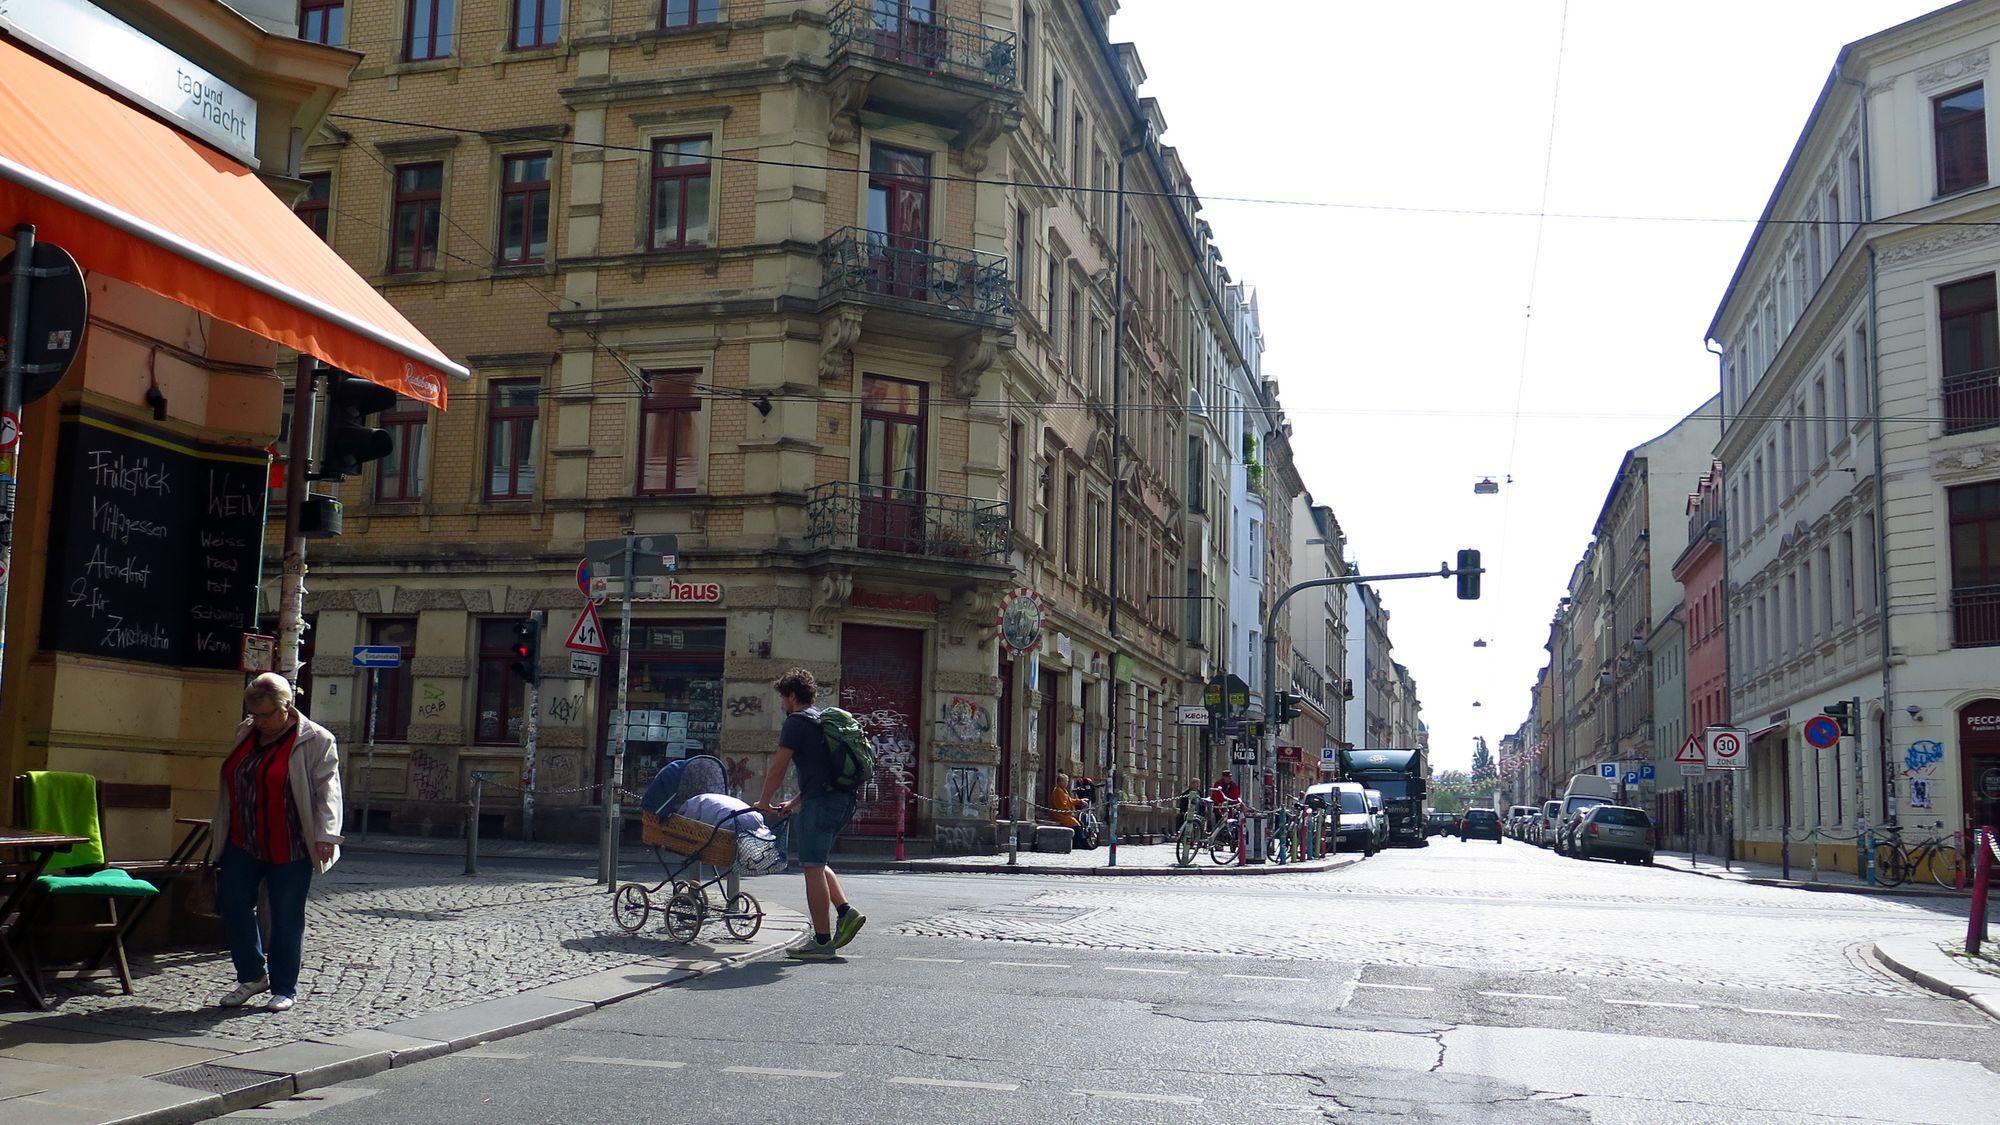 Genau so viele Stände, wie auf dem Bild, sind zur BRN an der sozialen Ecke erlaubt: gar keine.